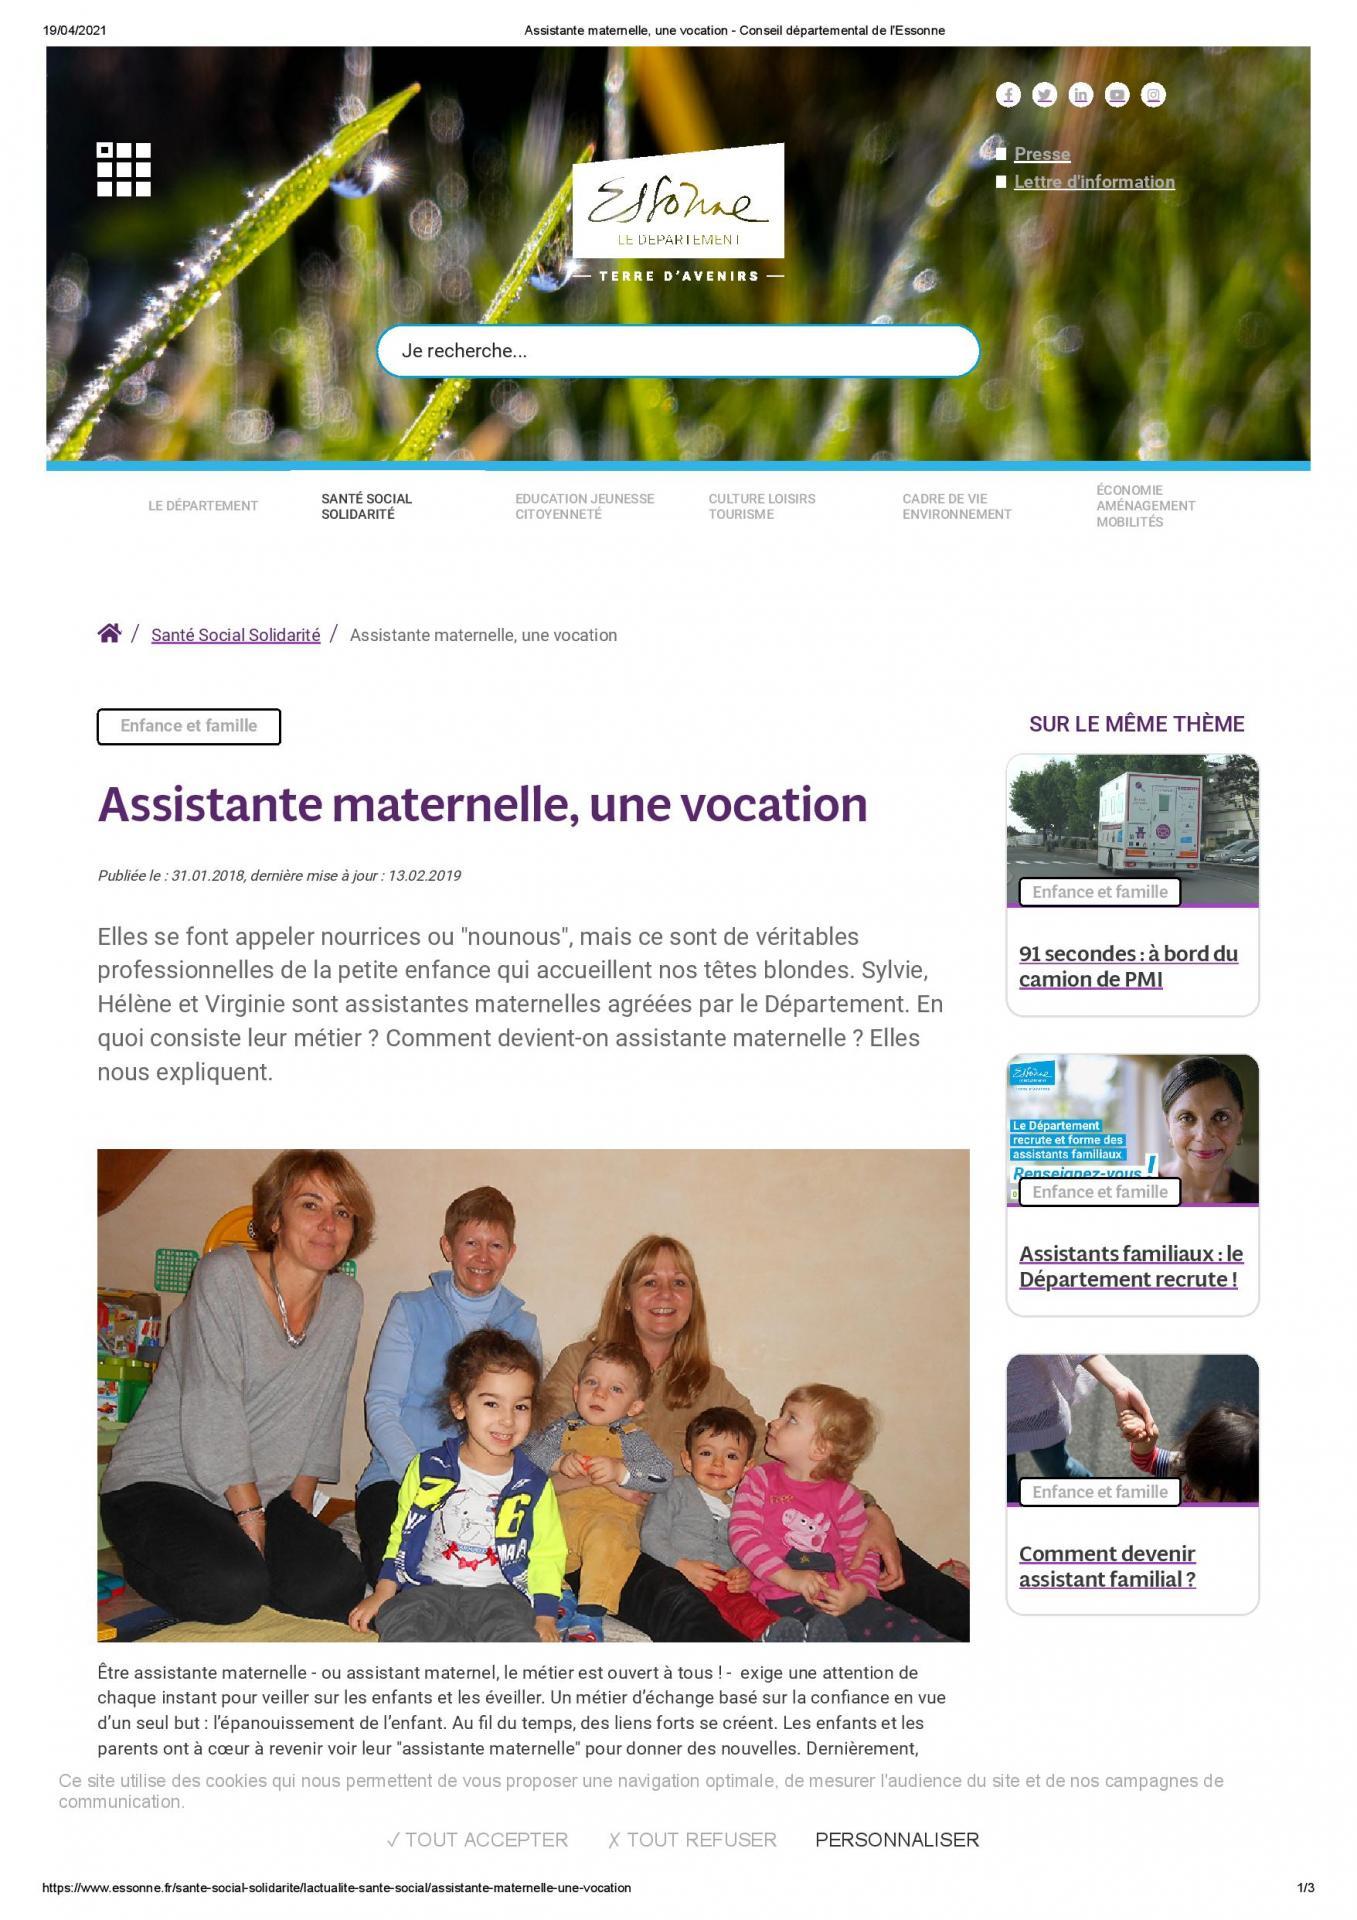 Assistante maternelle une vocation conseil departemental de l essonne 1 page 001